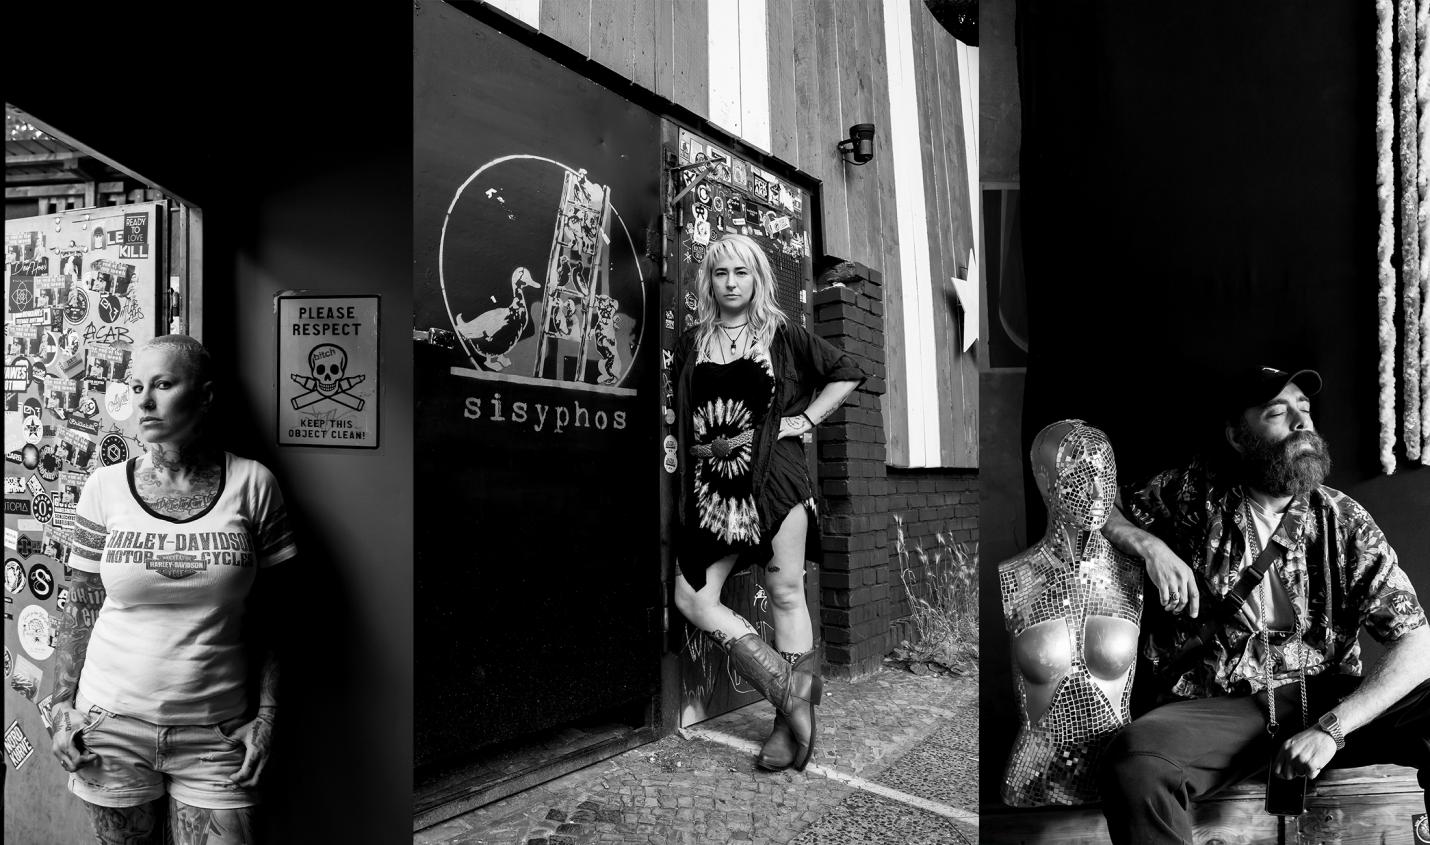 HUSH: Fotobuch gibt Einblicke in Berliner Clubs während des Lockdowns